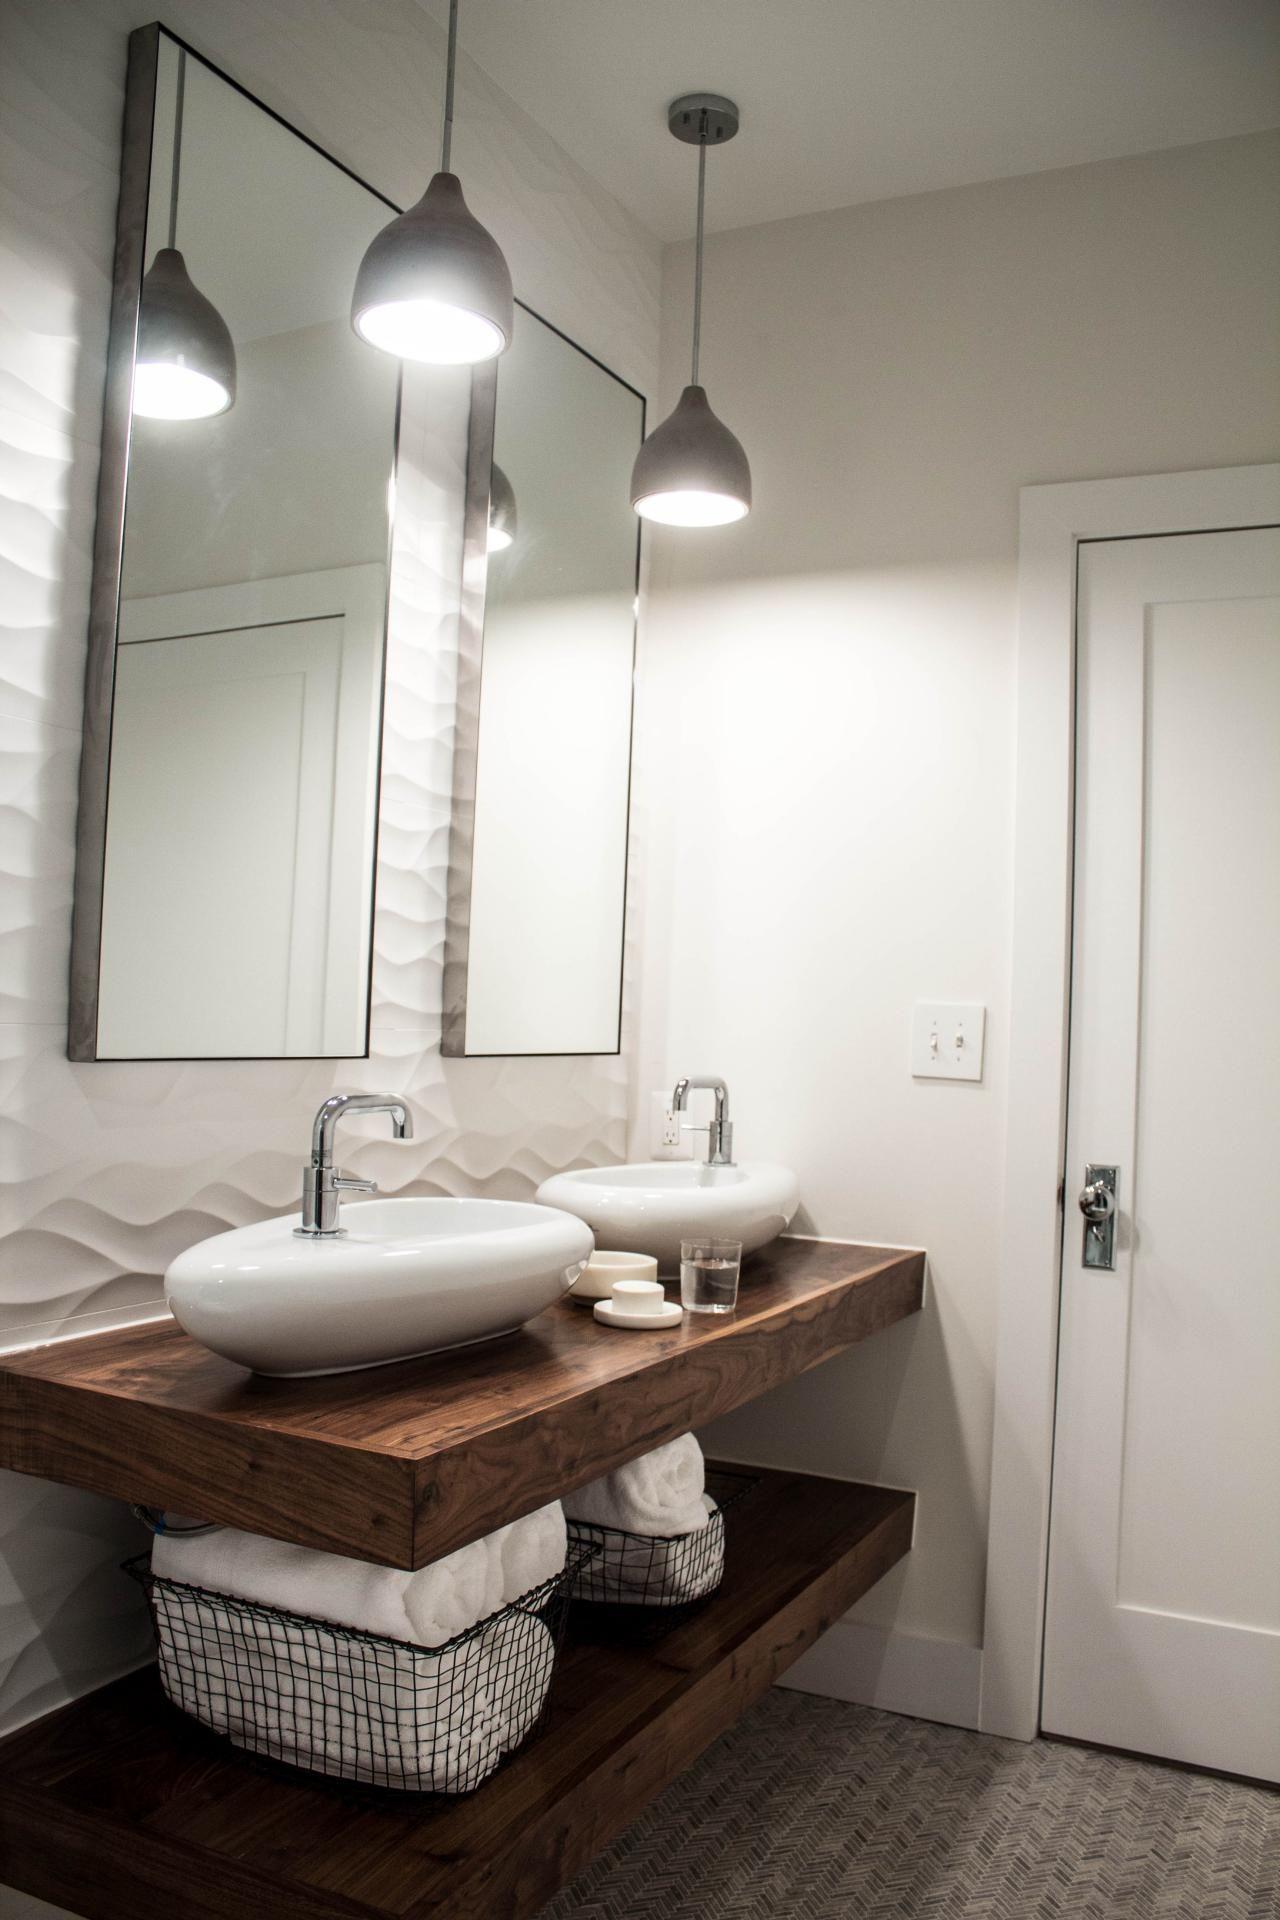 Cheap Bathroom Vanities Under 200 17 Diy Bathroom Vanity Floating Bathroom Vanities Farmhouse Bathroom Vanity